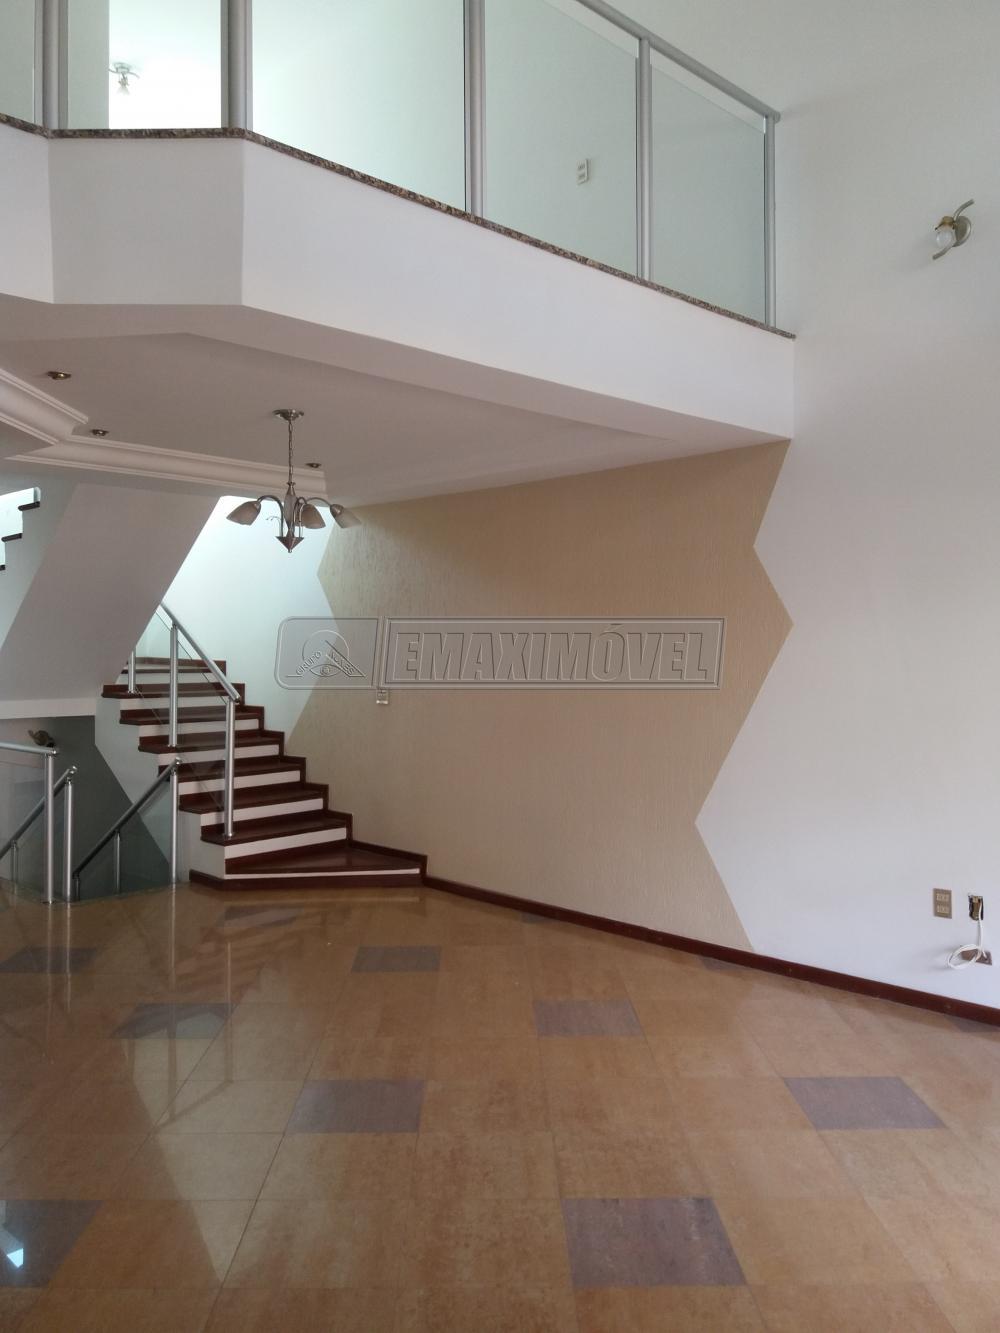 Alugar Casas / em Condomínios em Sorocaba apenas R$ 2.800,00 - Foto 2